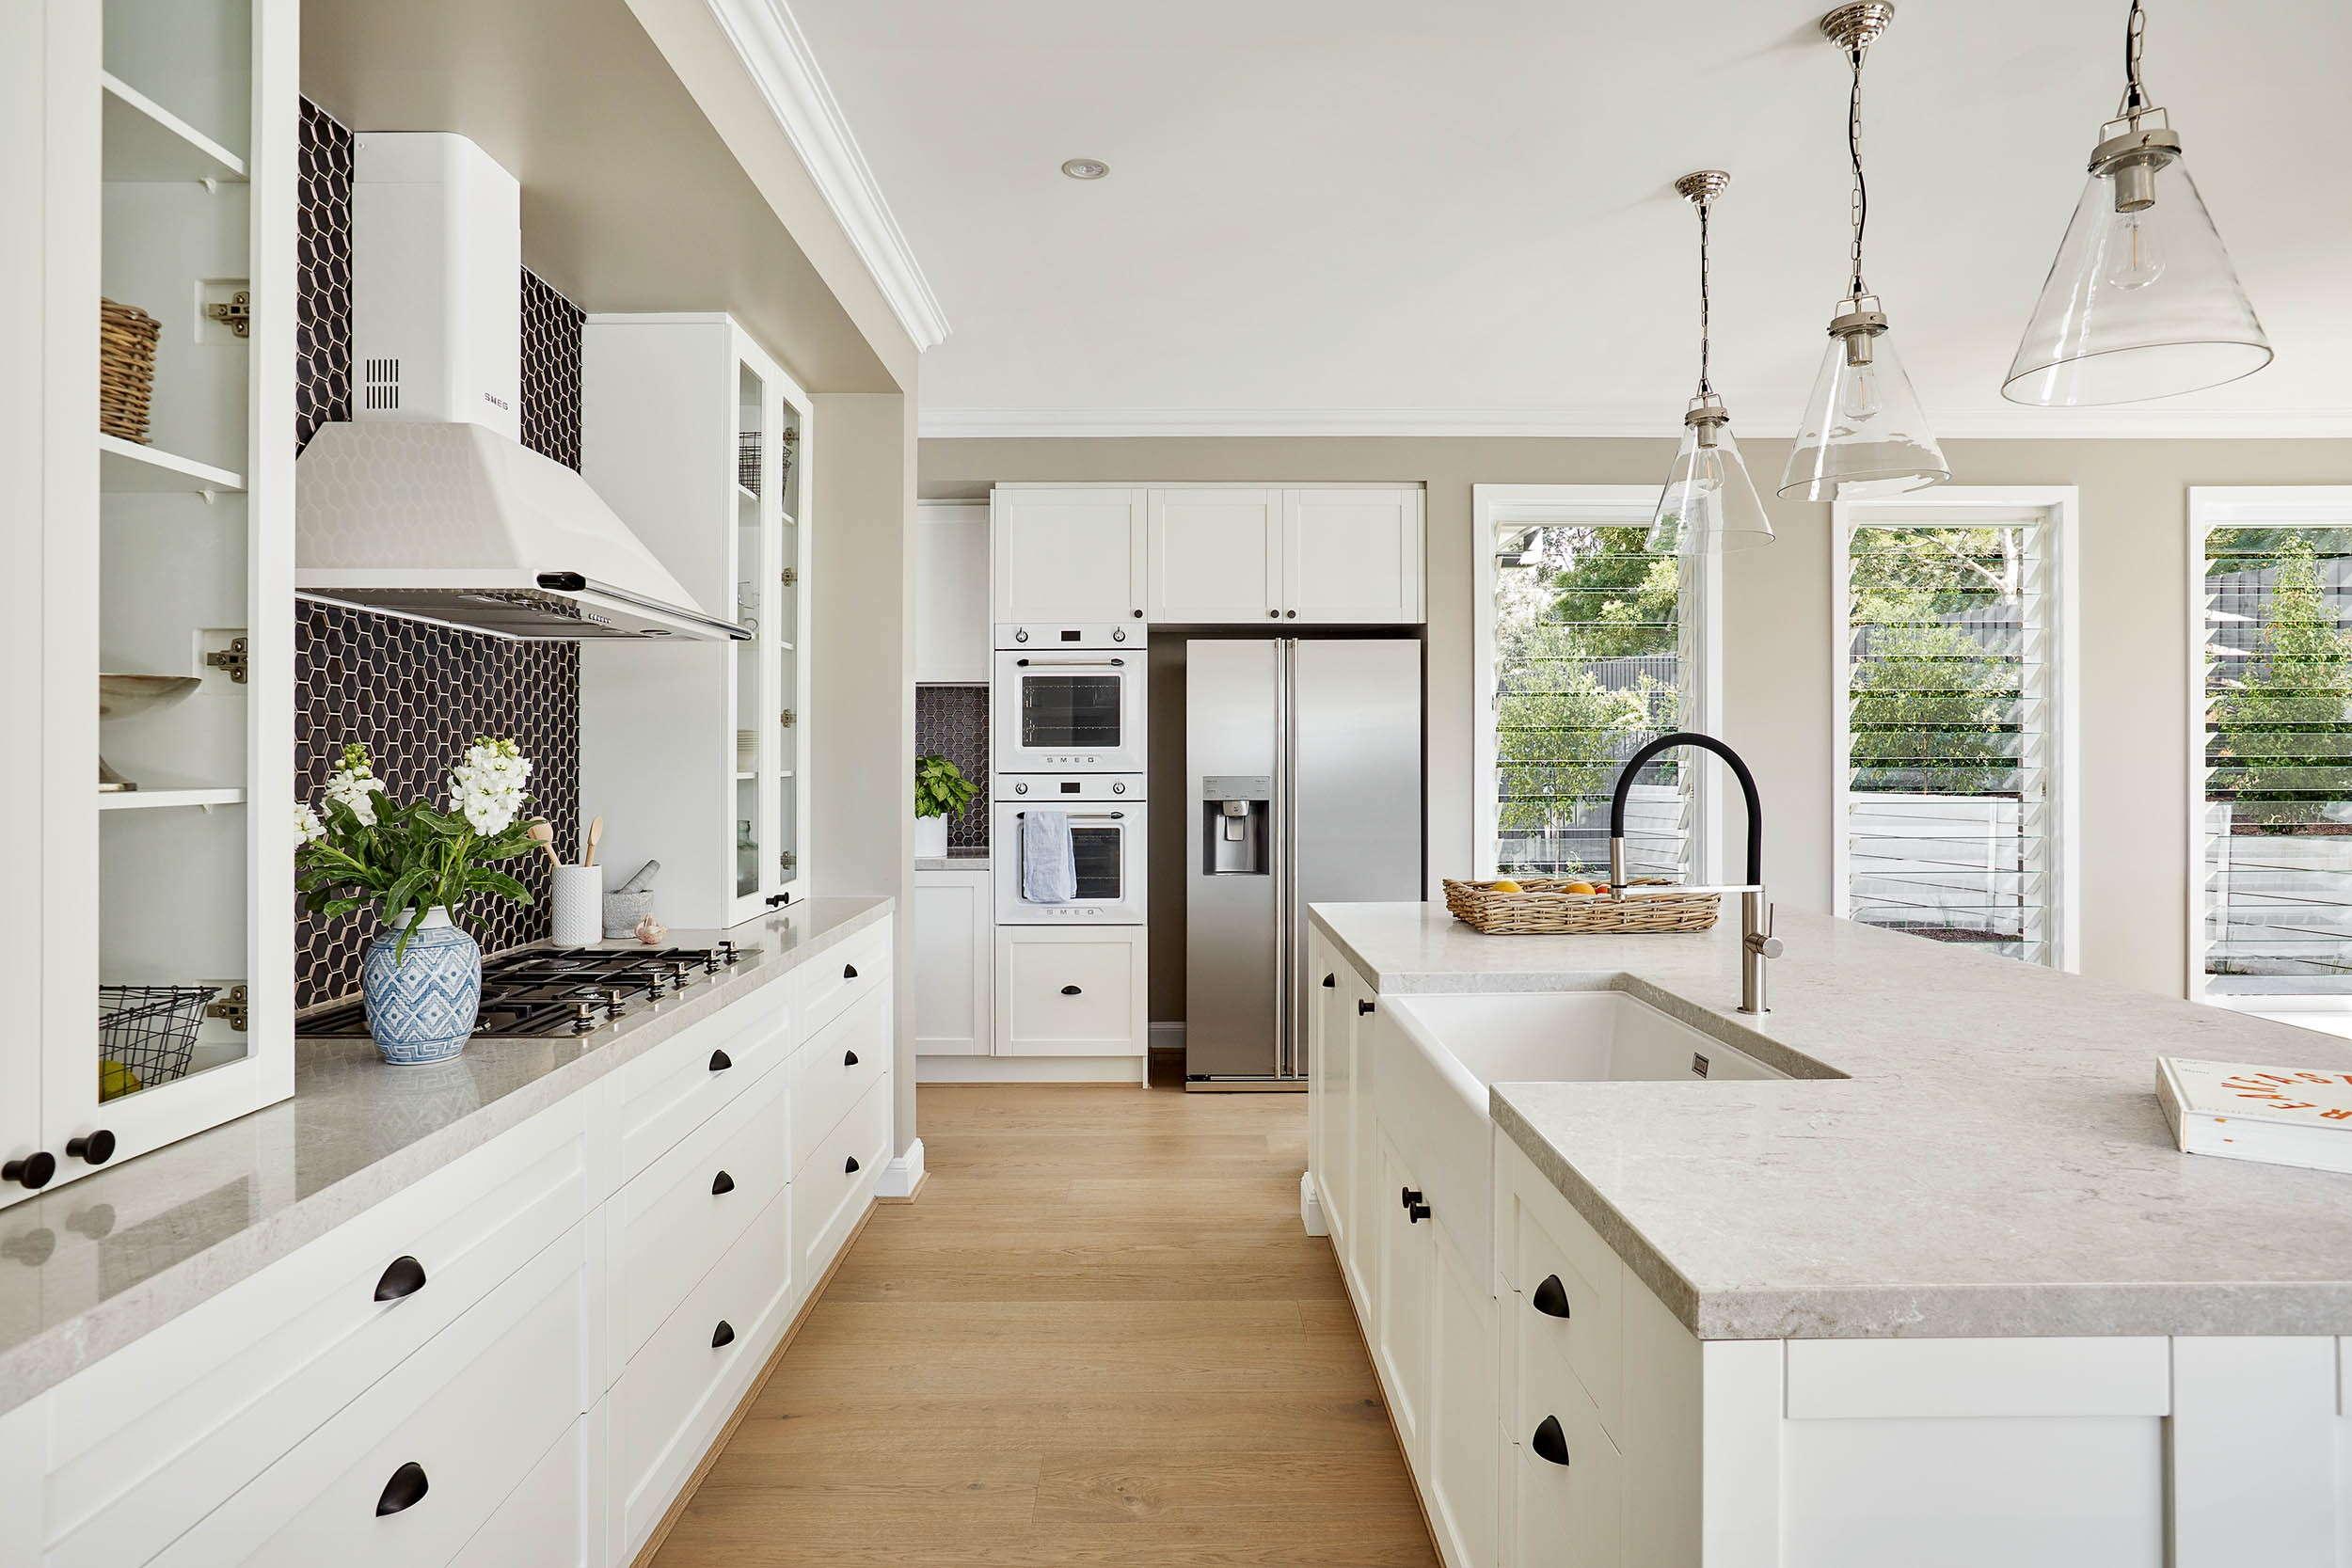 Kitchen designs in 2020 | Plantation Homes